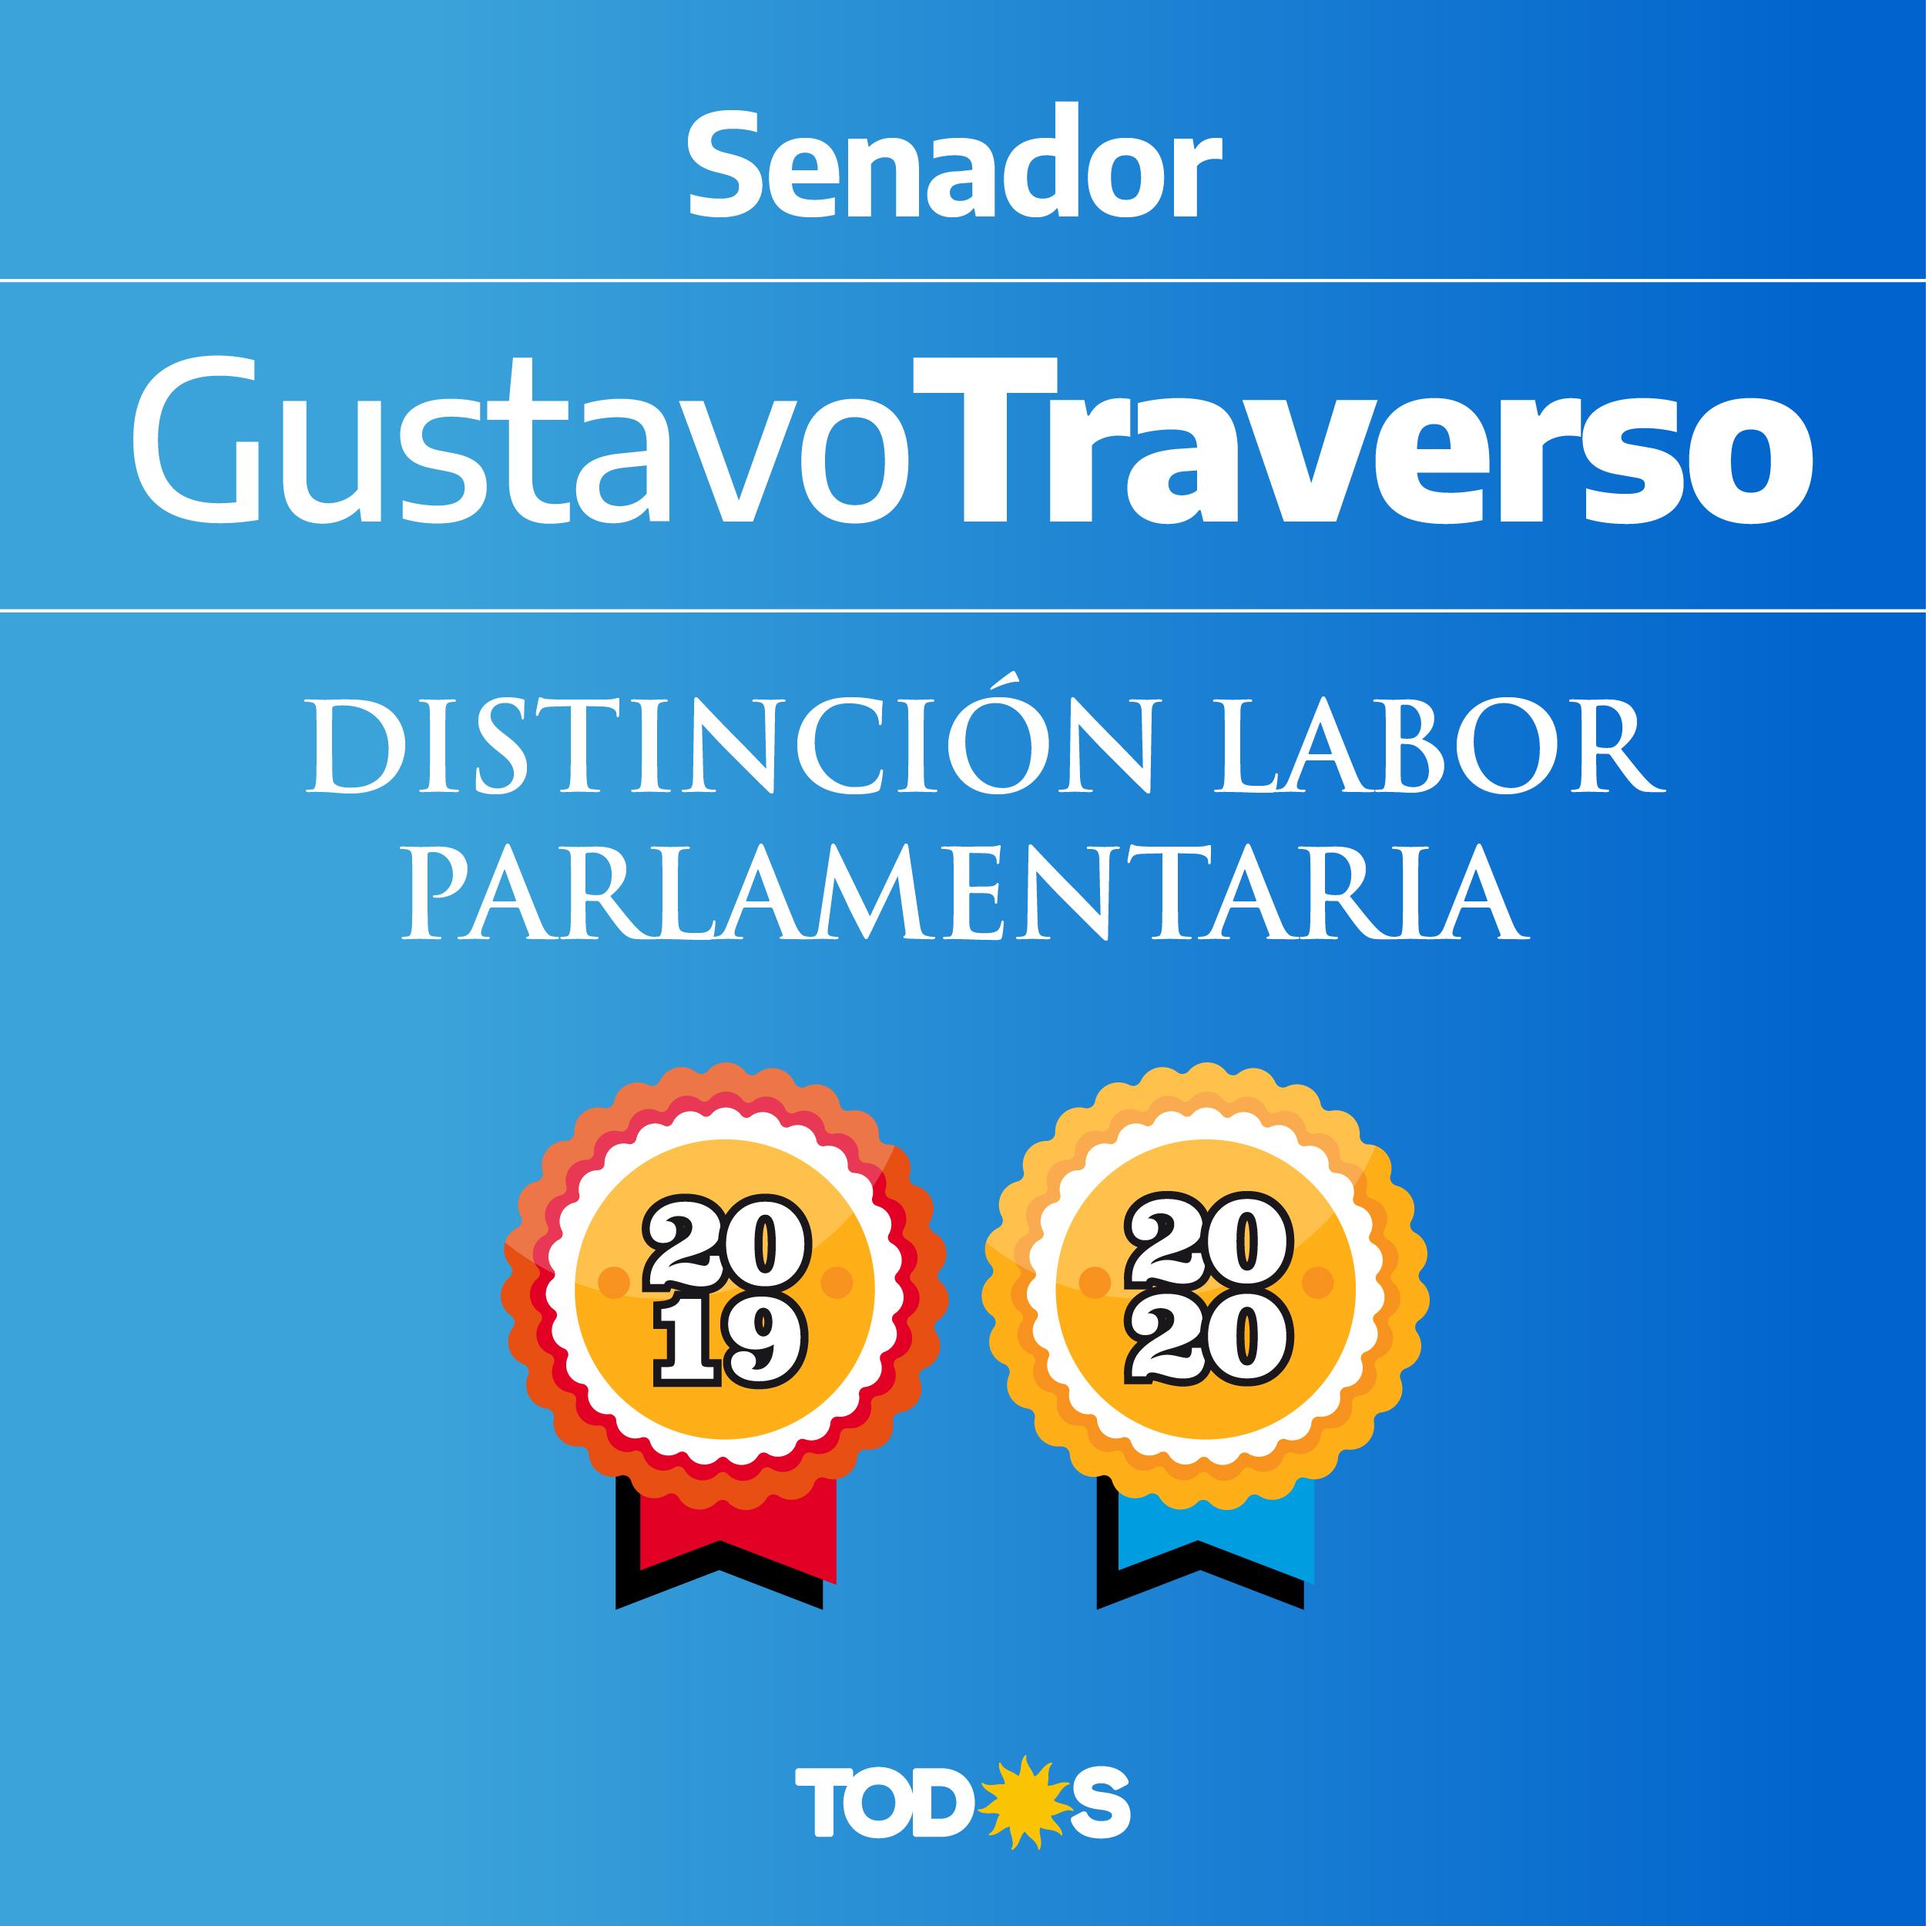 Gustavo Traverso labor parlamentario